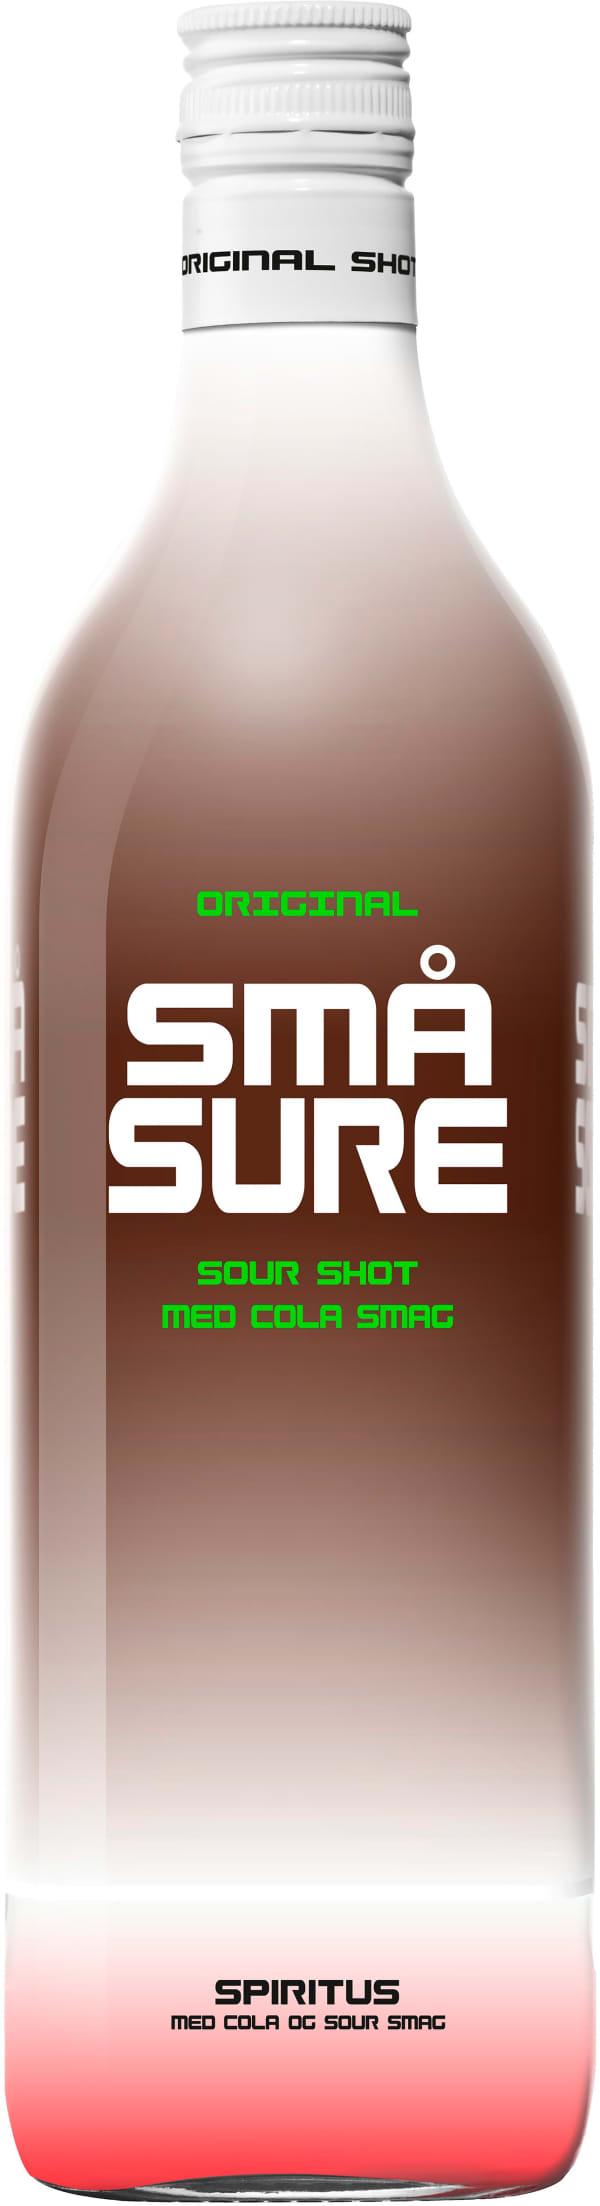 Små Sure Sour Shot Cola muovipullo